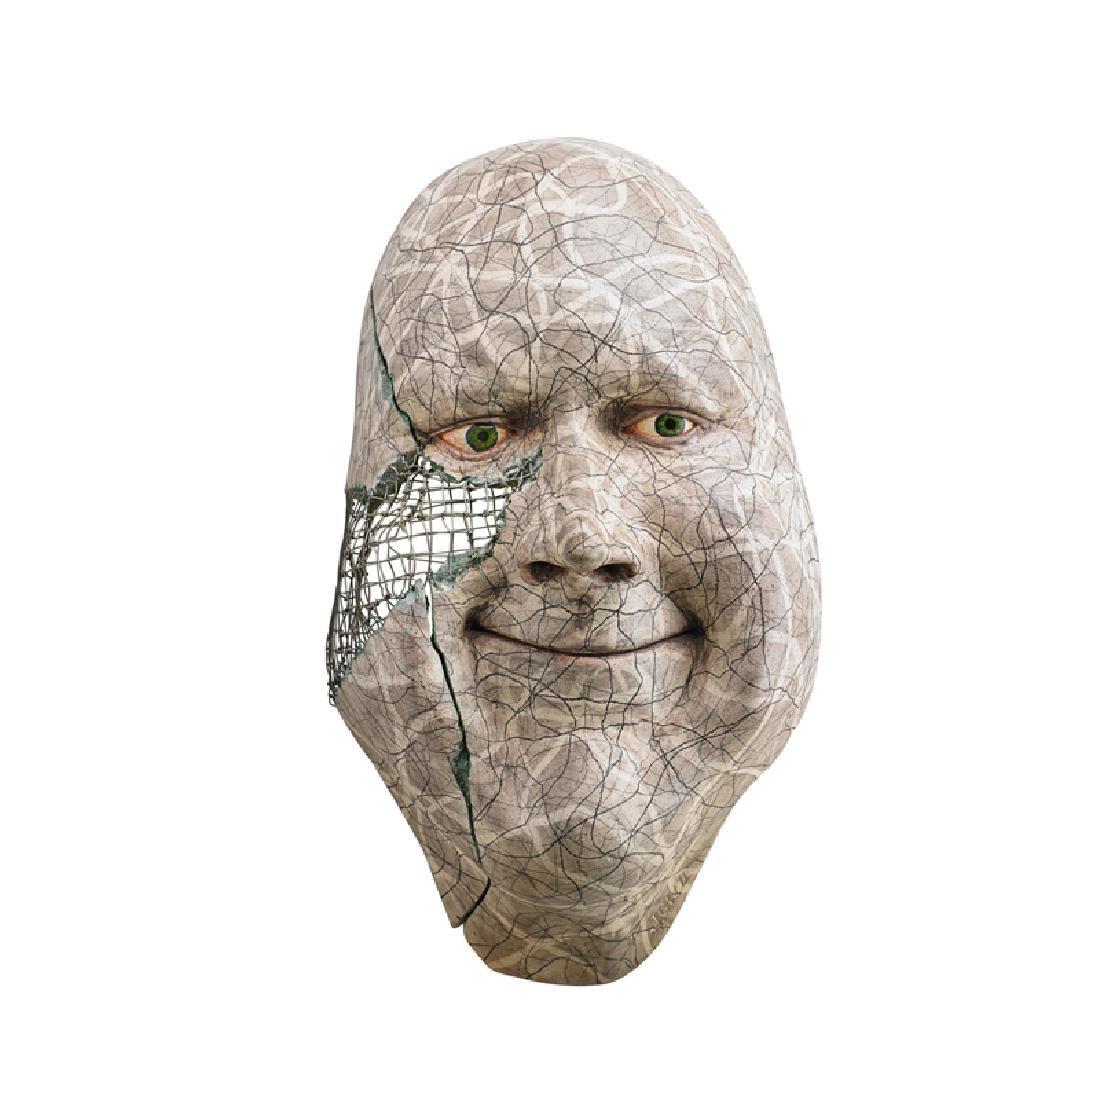 JOHN WOODWARD Large face sculpture